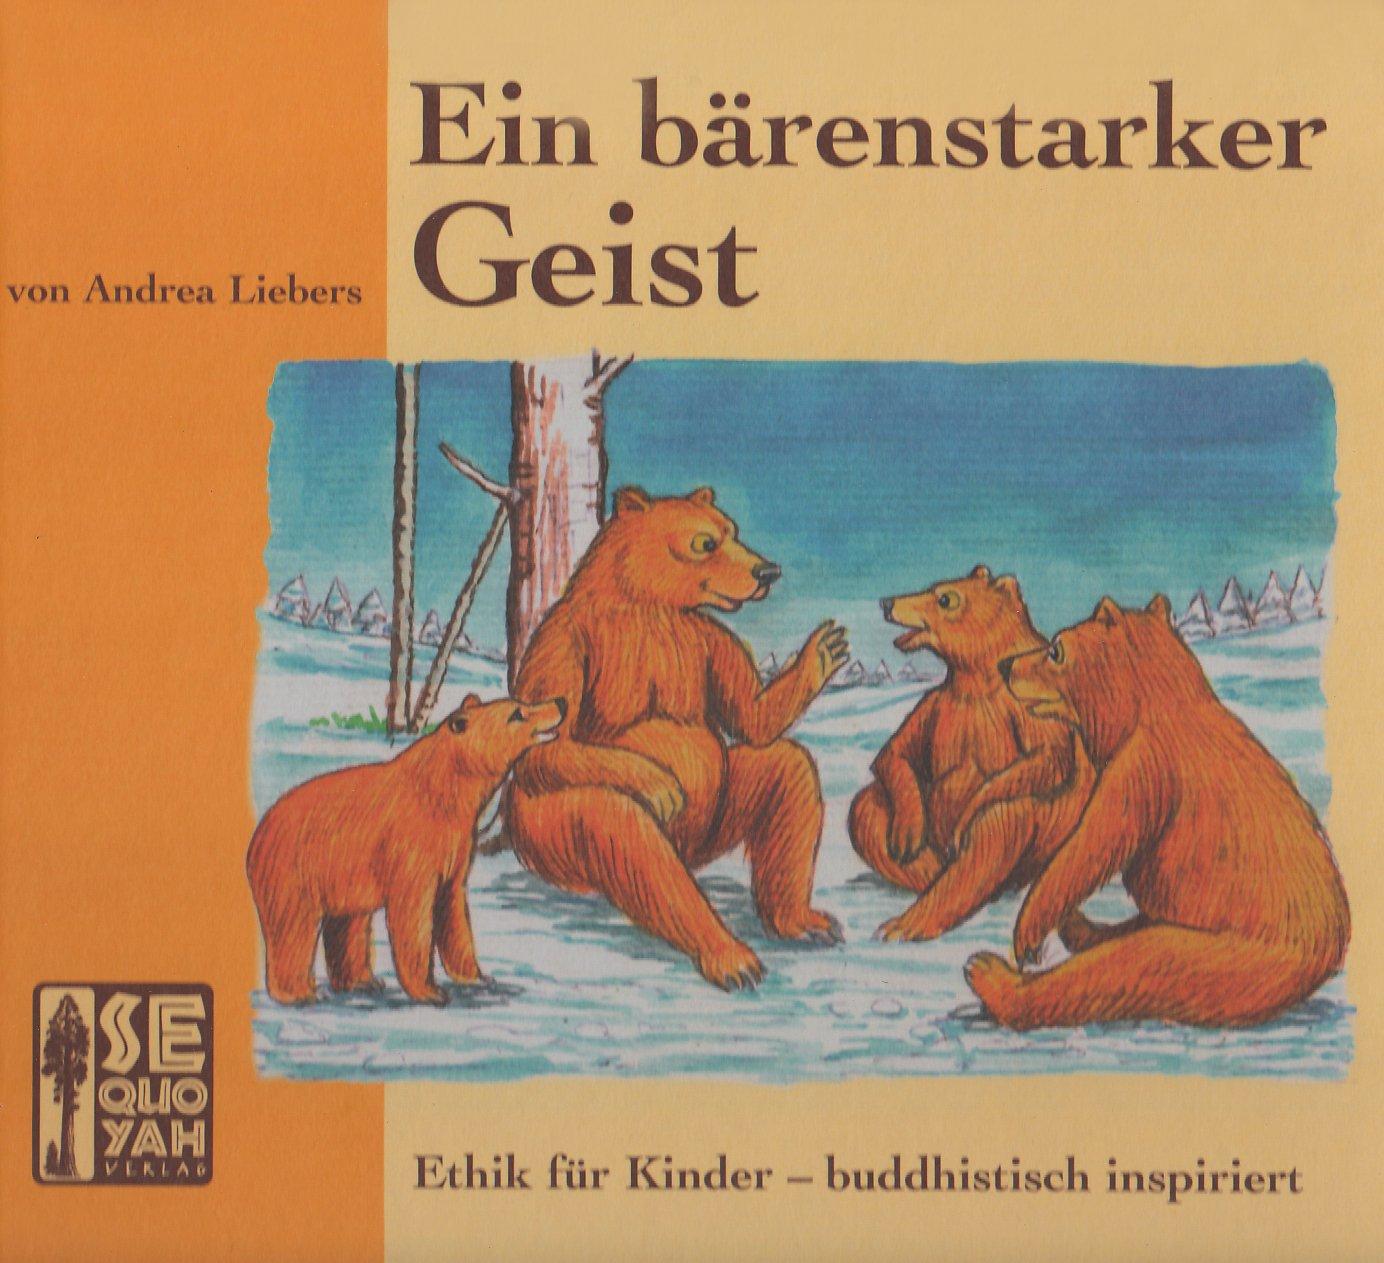 Ein bärenstarker Geist: Ethik für Kinder - buddhistisch inspiriert Gebundenes Buch – 8. Dezember 2008 Andrea Liebers Collins Mdachi Sequoyah-Verlag 3854660677